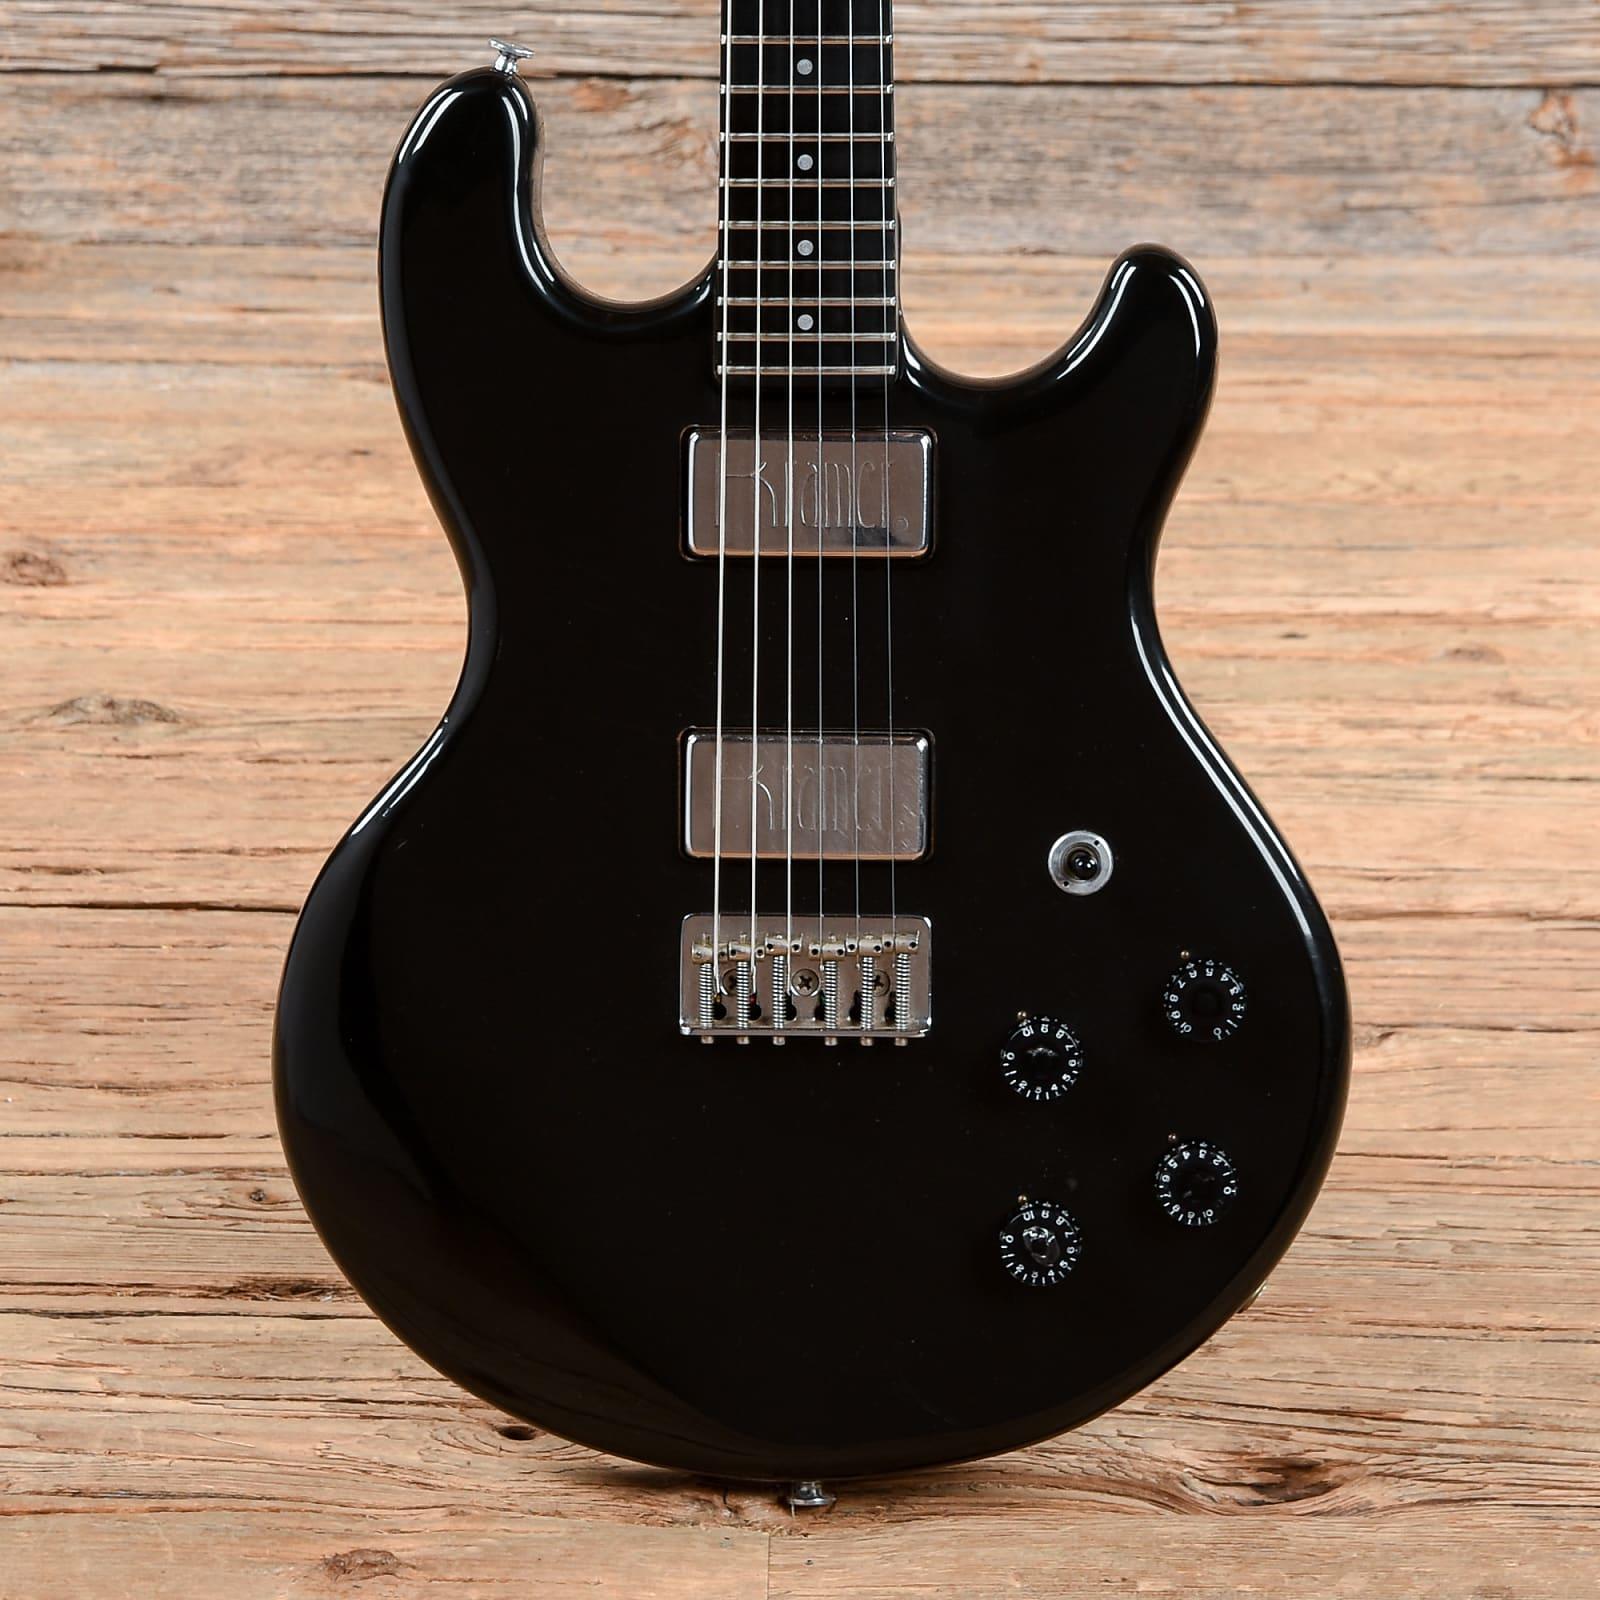 Kramer 450G Deluxe Black 1979